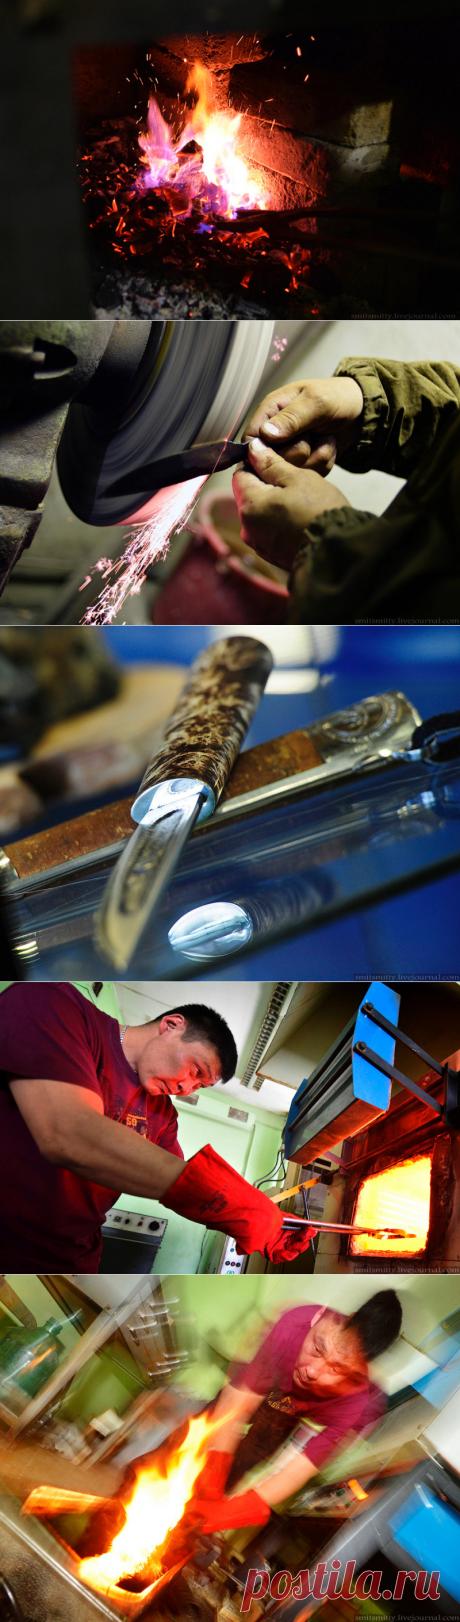 Якутский нож. История создания